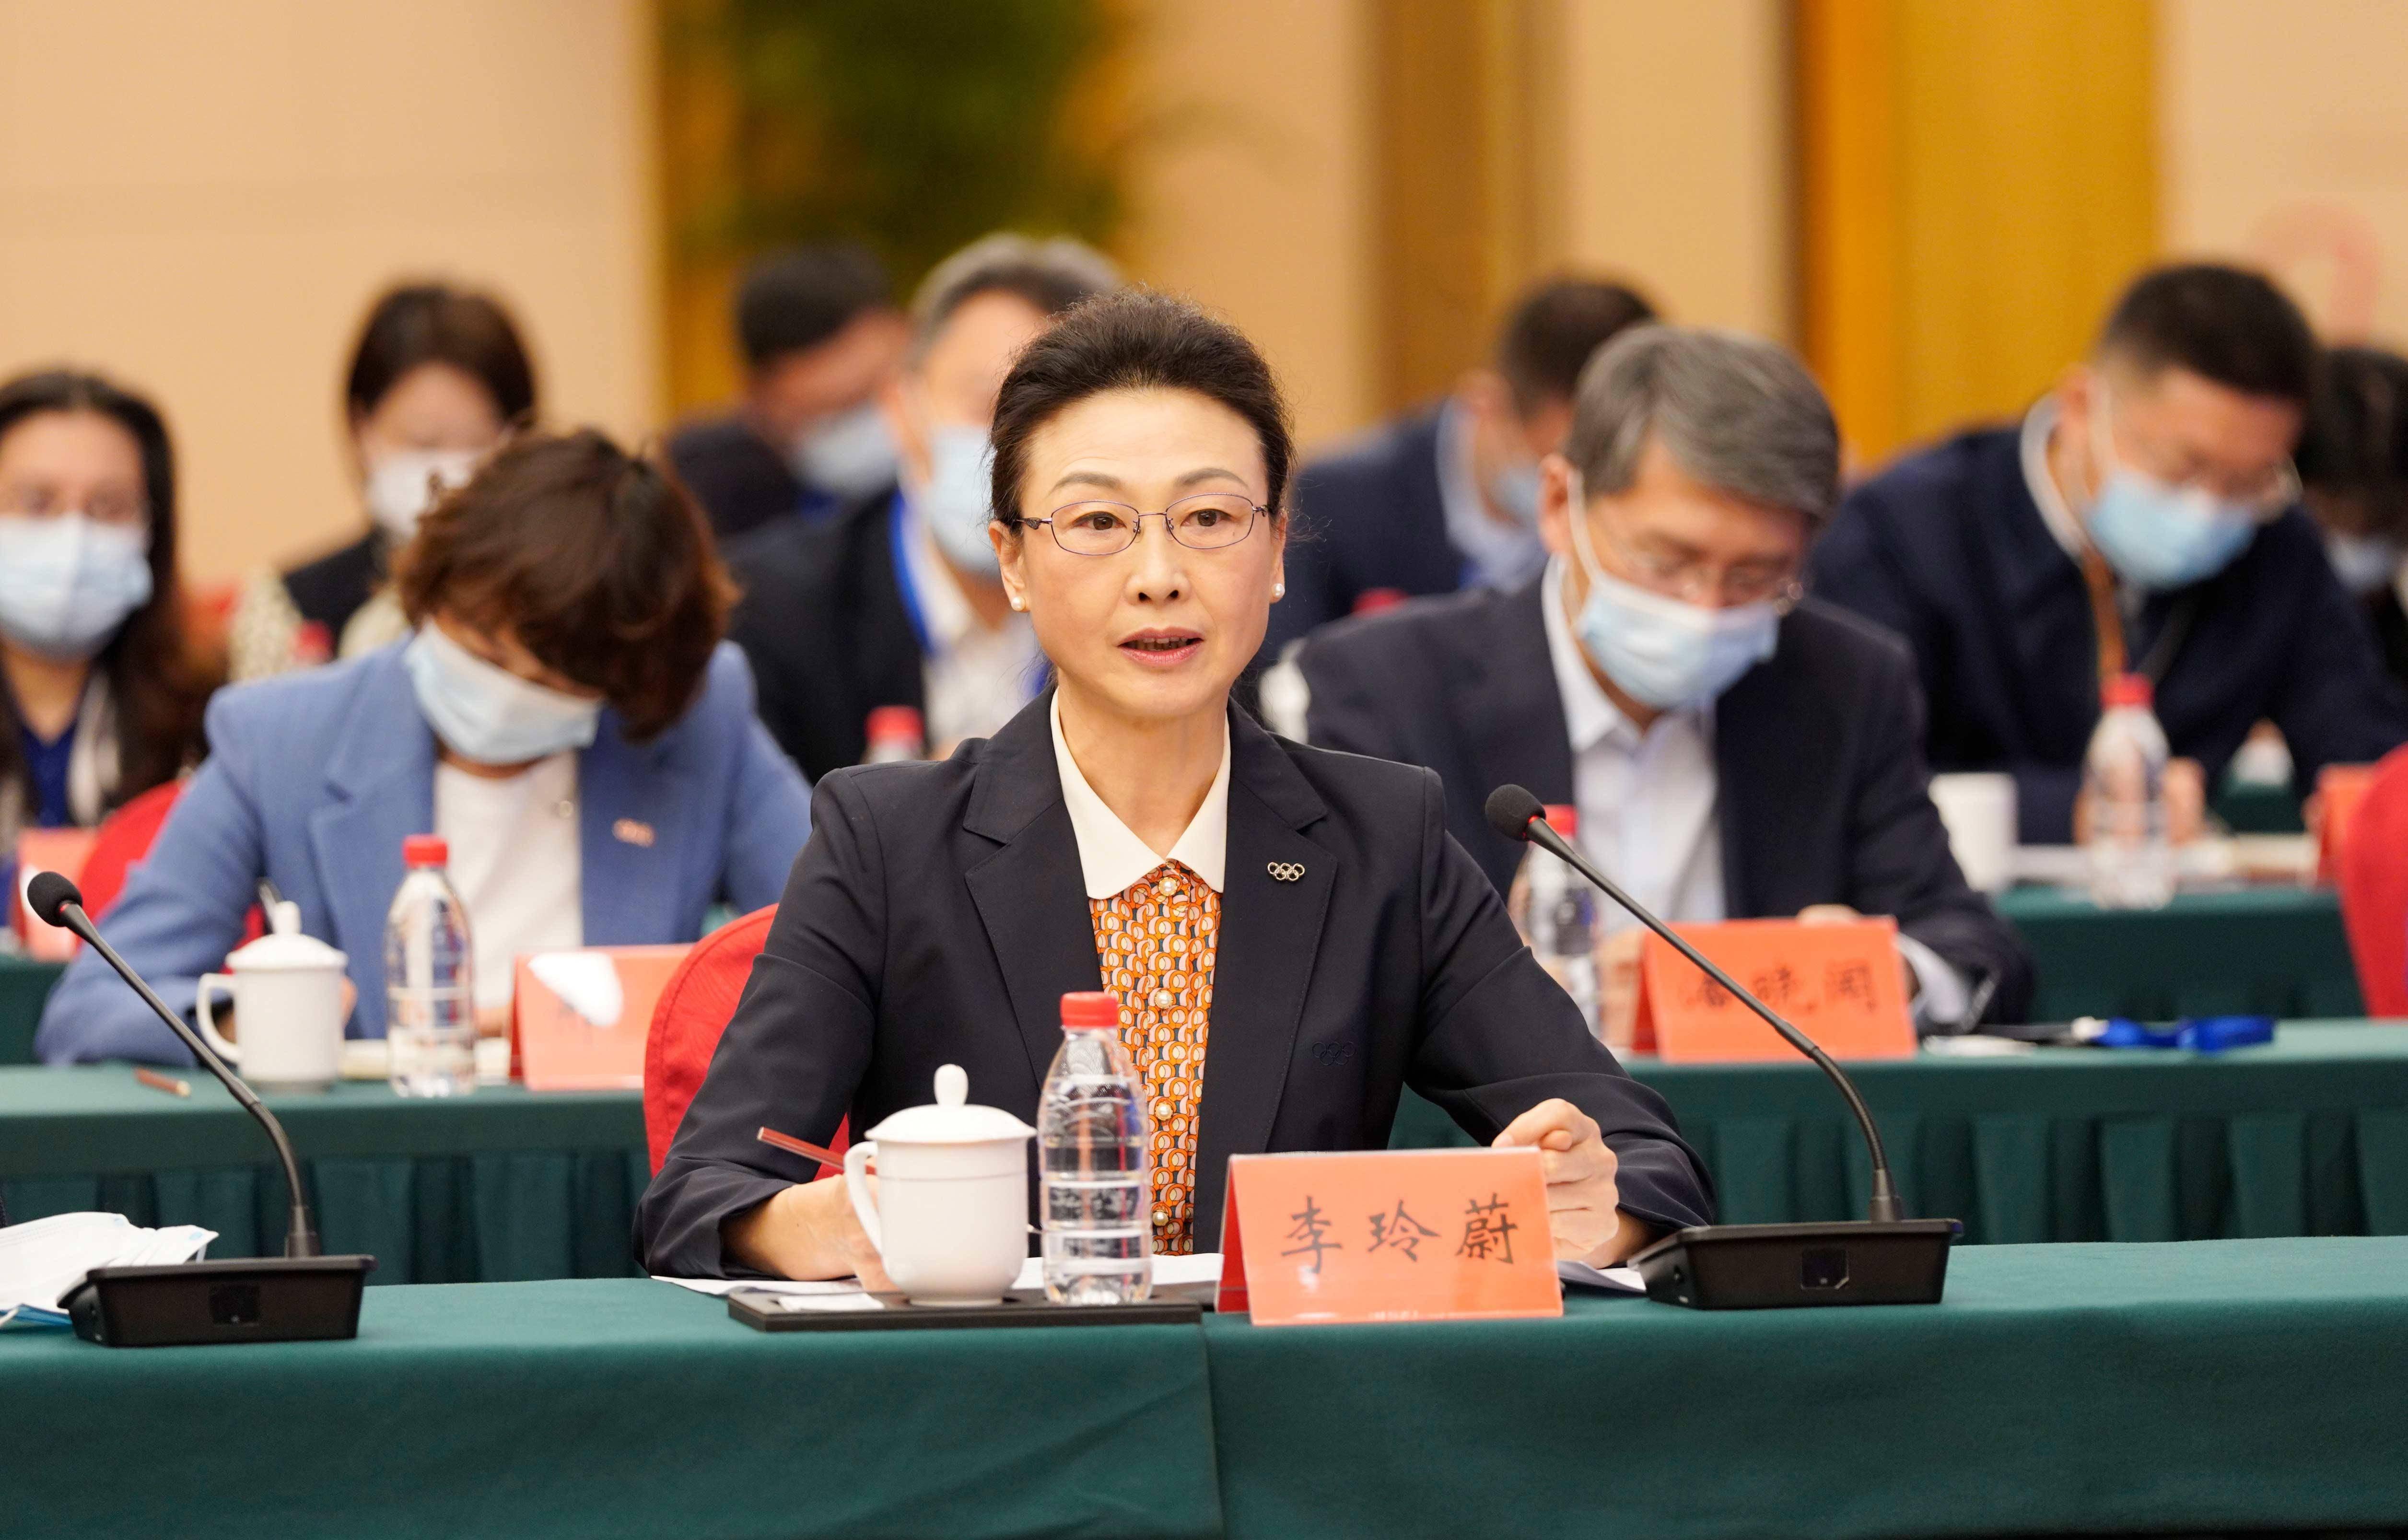 全球首个!奥林匹克频道开播上线专家座谈会在京举行